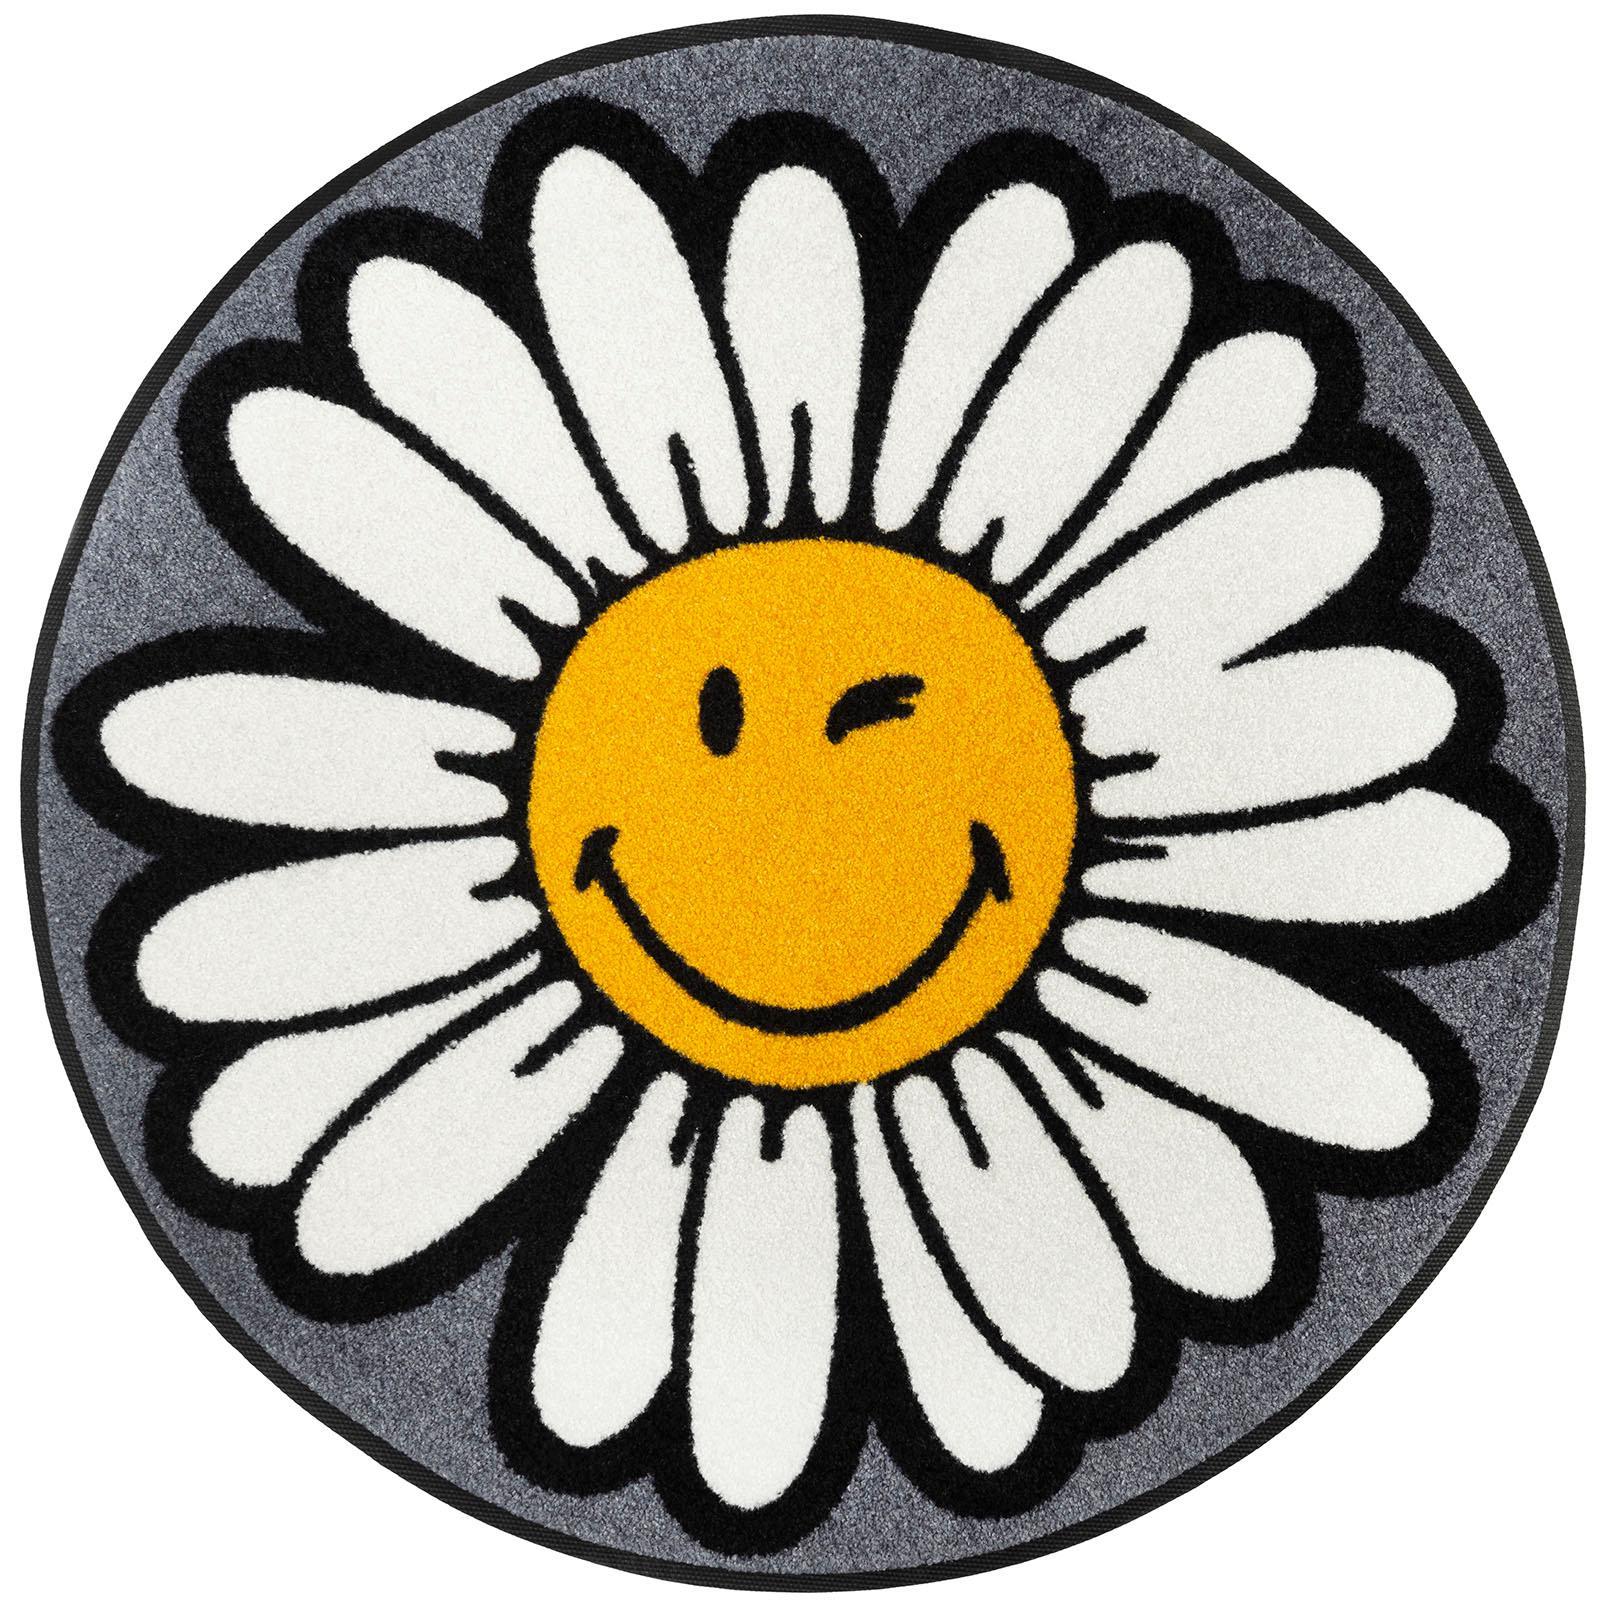 Teppich Smiley Daisy wash+dry by Kleen-Tex rund Höhe 7 mm gedruckt